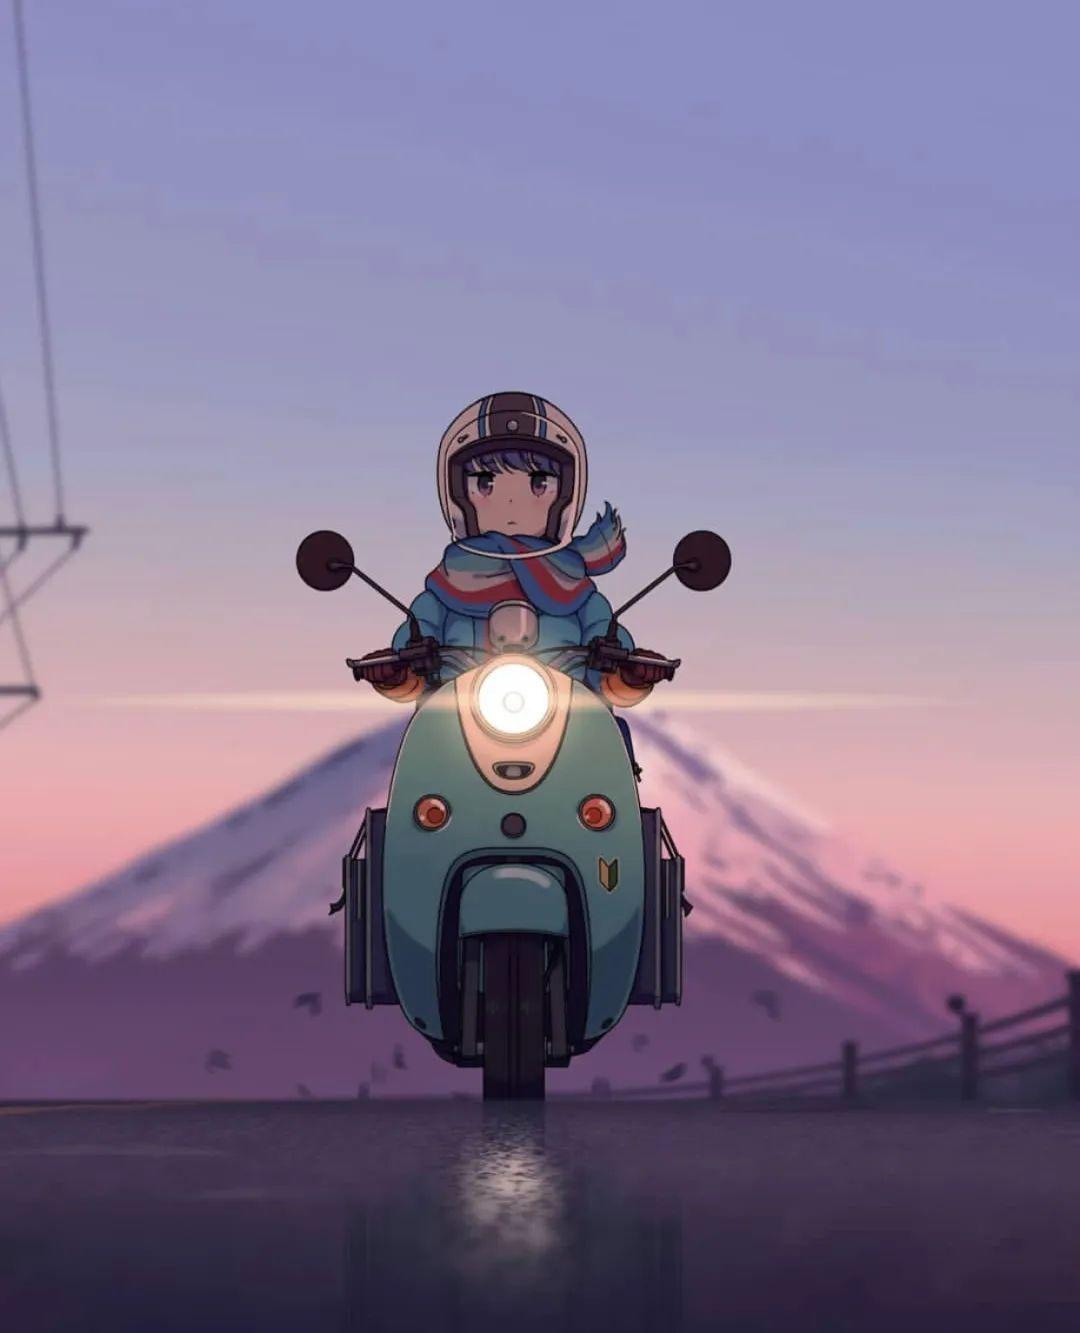 5月8日,二次元动漫女孩美图!骑摩托的少女_图片 No.3